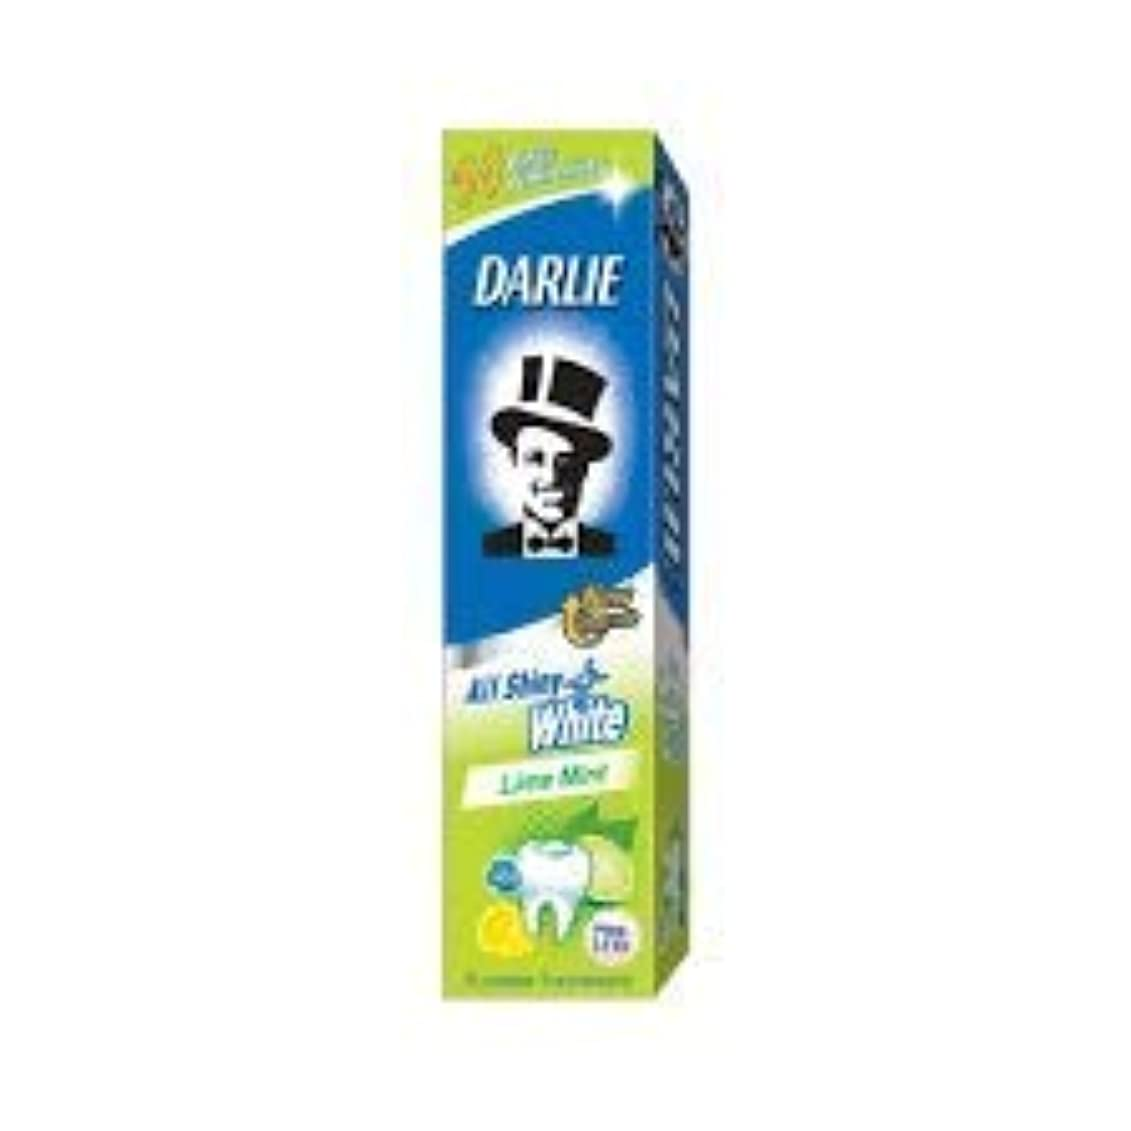 用心スポーツマンリサイクルするDARLIE 歯磨き粉すべての光沢のあるホワイトライムミント140g - 虫歯と戦い、歯を保護するフッ化物を含みます